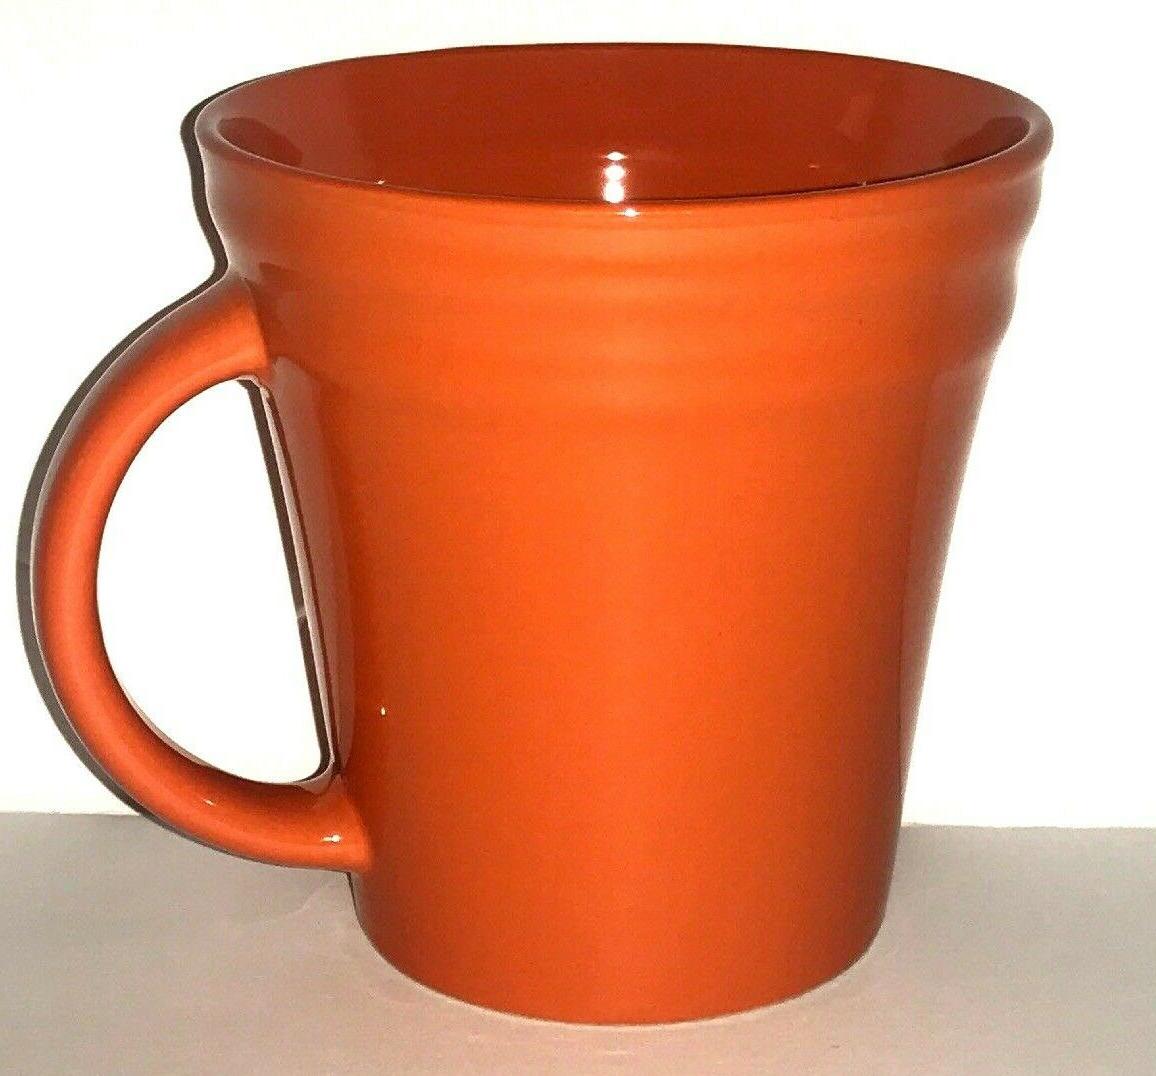 rachael dinnerware double ridge mug